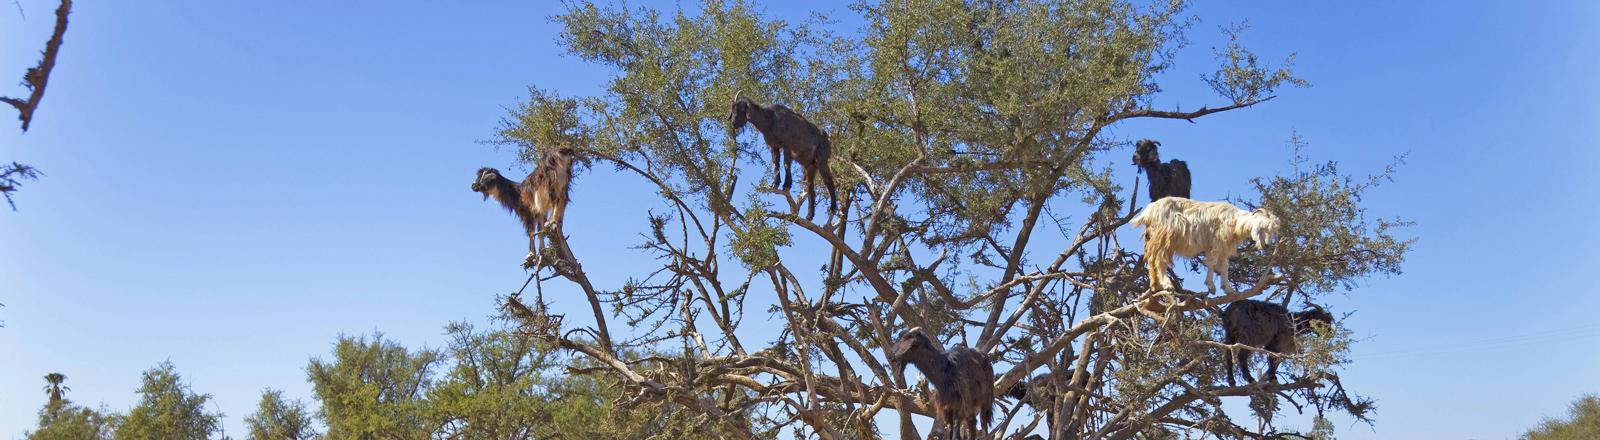 Ziegen klettern auf Arganbaum